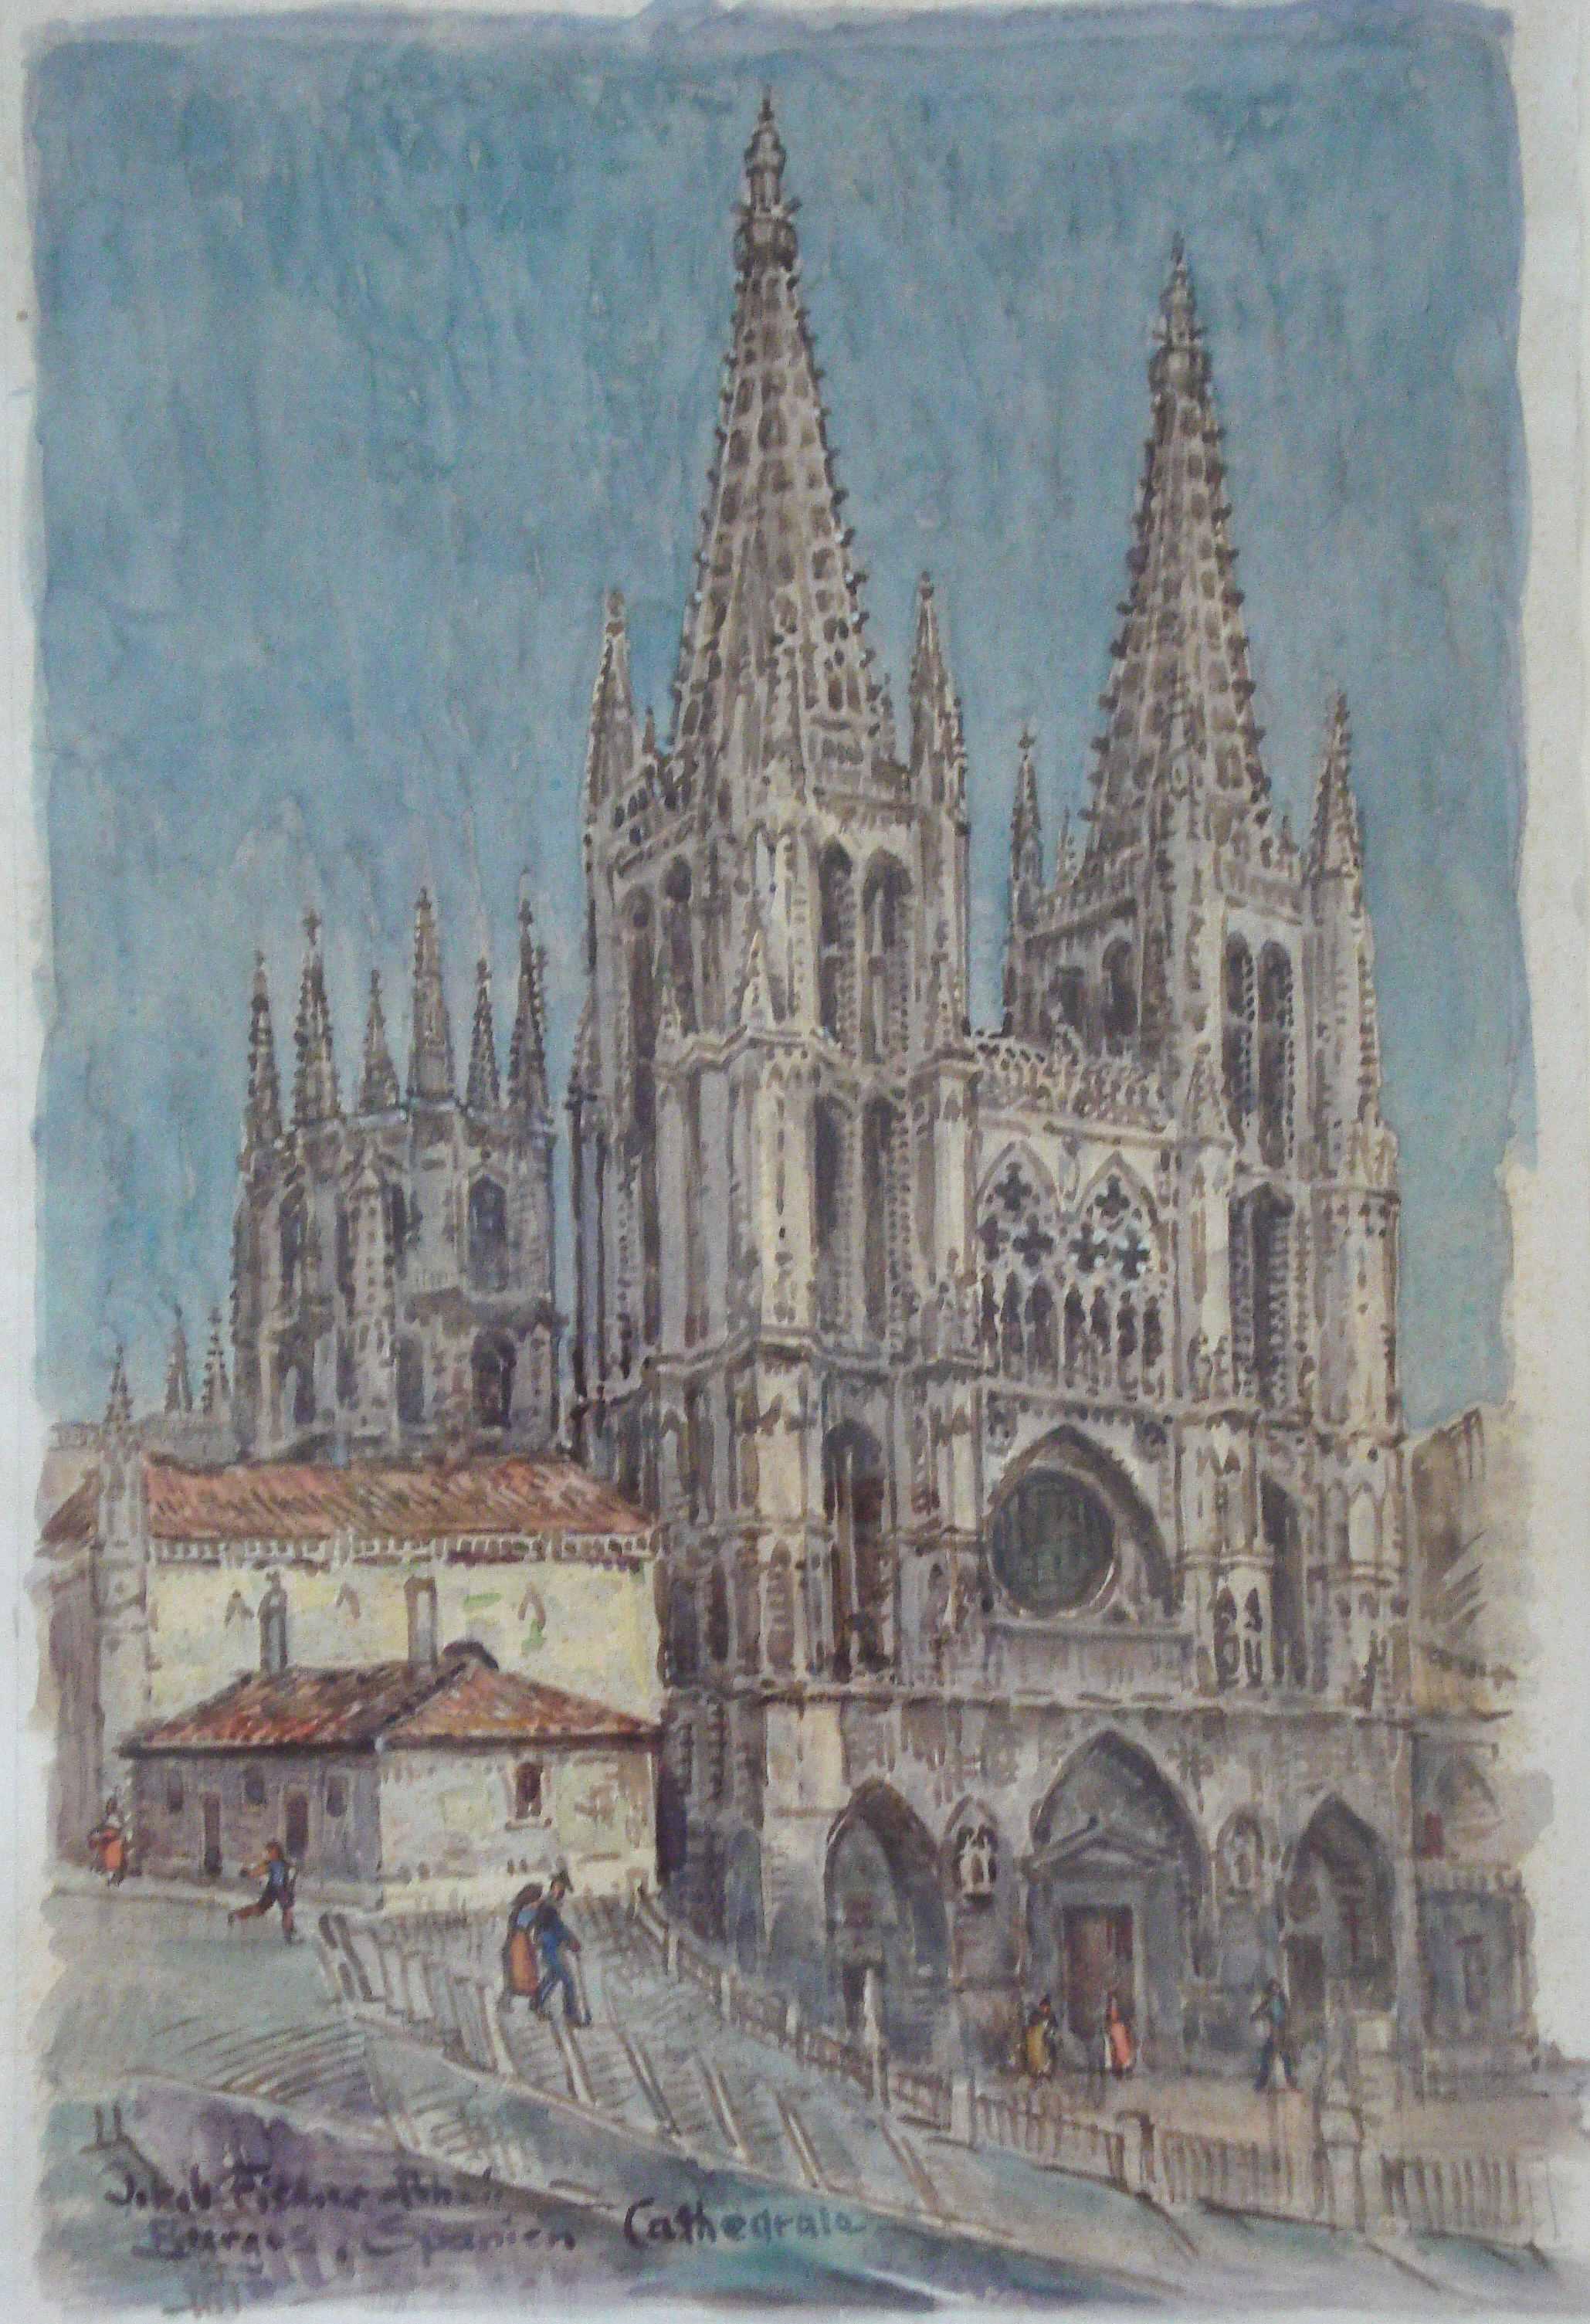 Burgos, Spanien, Cathedrale, ohne Jahr, für vergrößerte Ansicht anklicken!